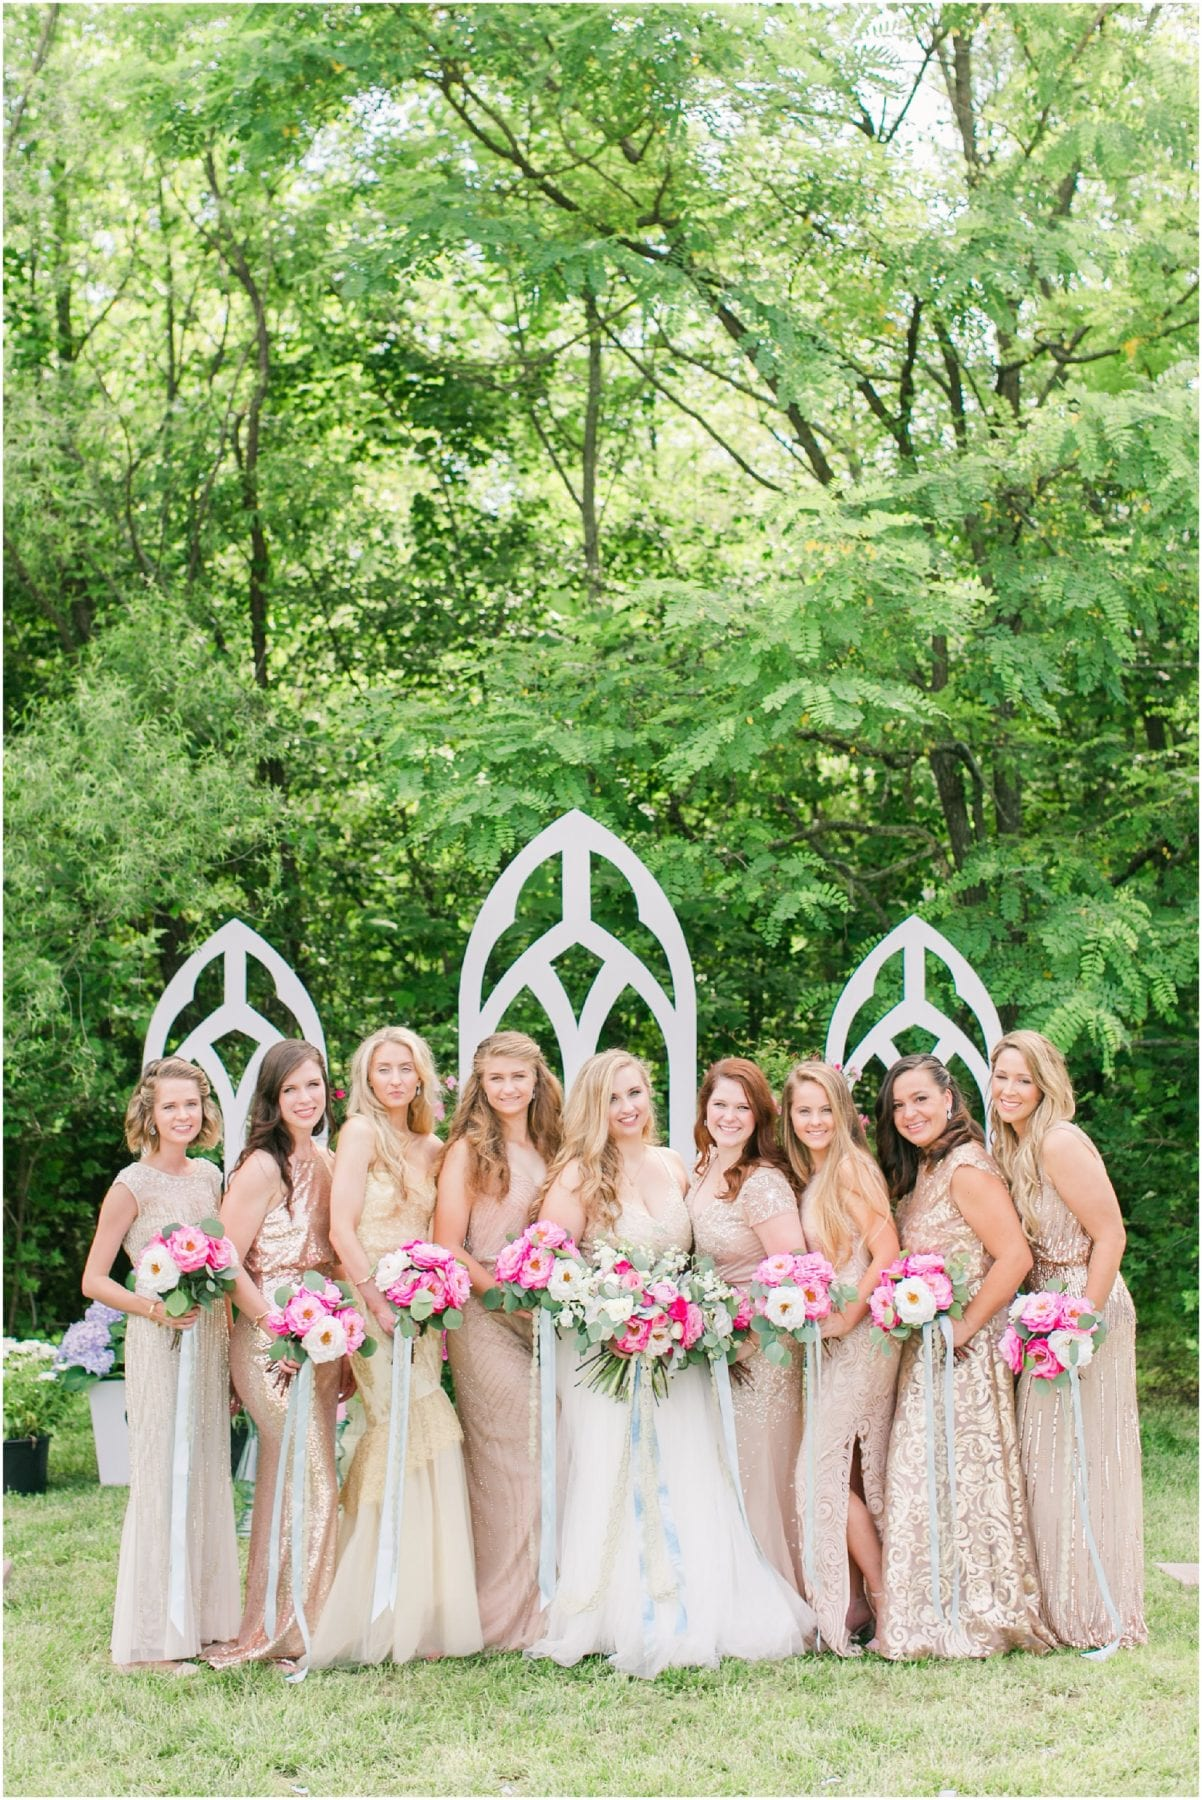 Maryland Backyard Wedding Photos Kelly & Zach Megan Kelsey Photography-148.jpg